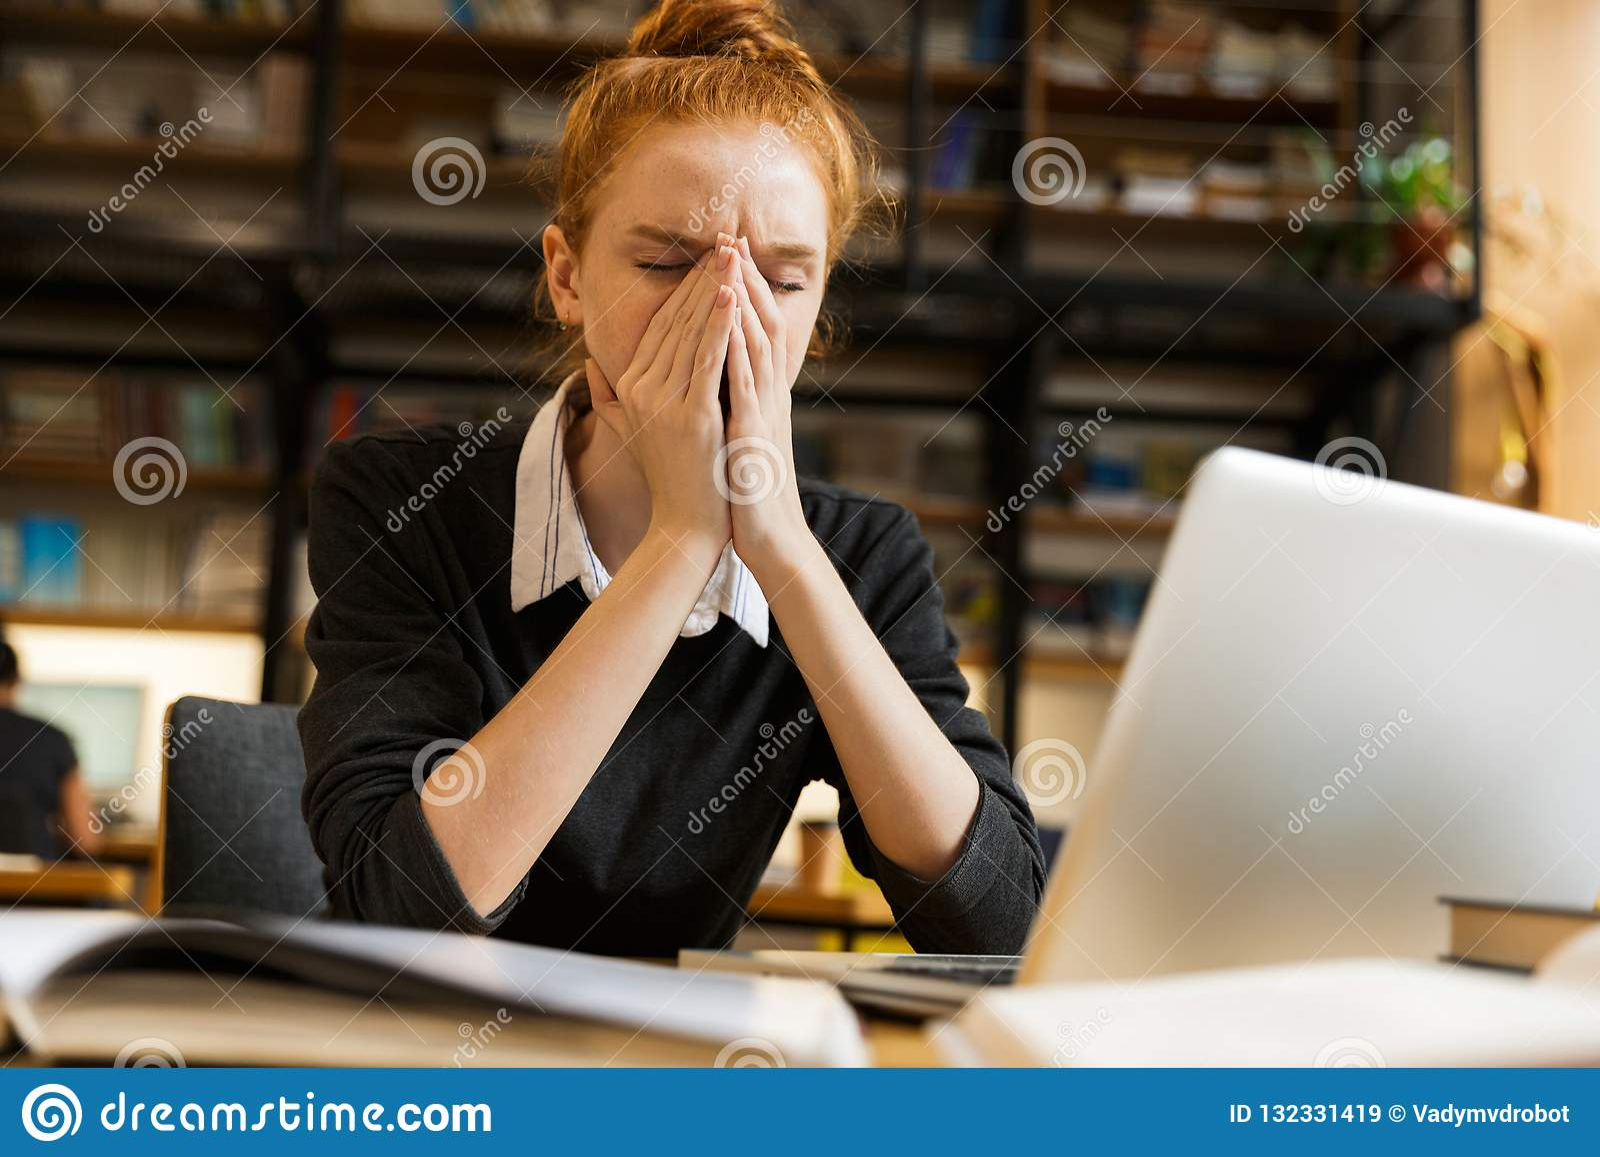 Bild der ernsten studierenden Rothaarigefrau, beim Sitzen an Schreibtisch I